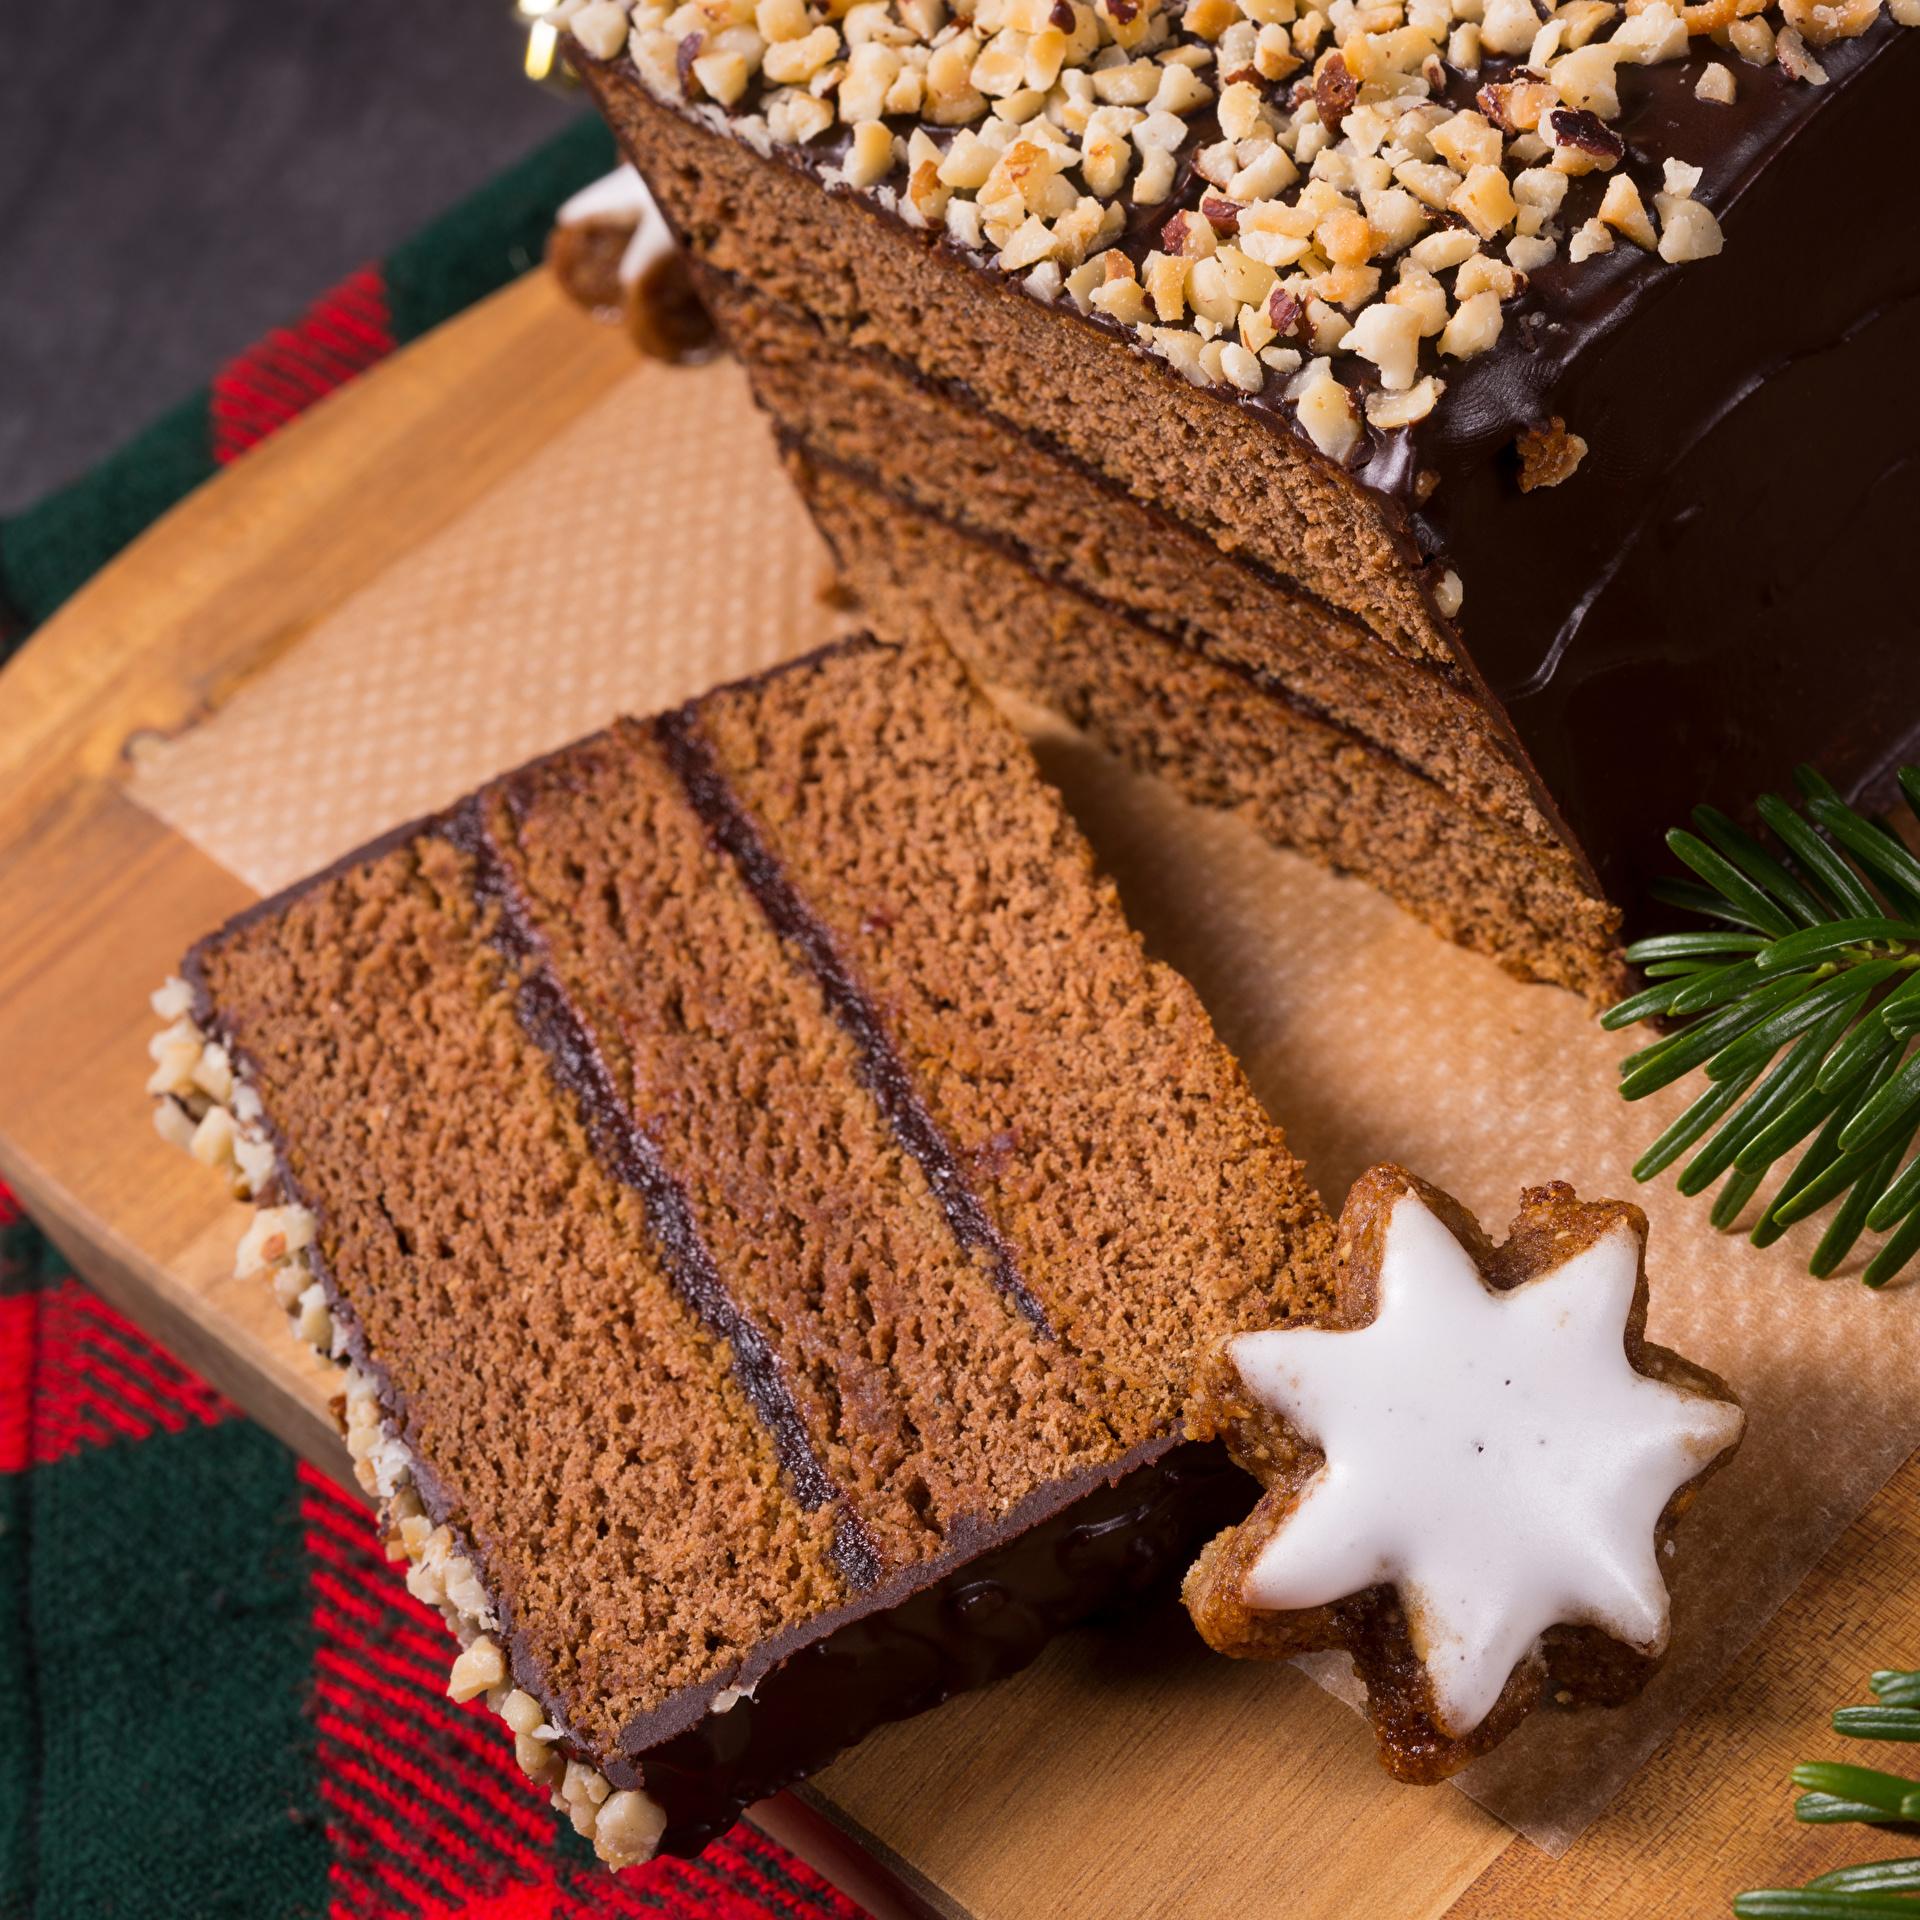 Картинка Новый год Шоколад Торты Кусок Пища Печенье Выпечка 1920x1920 Рождество часть кусочки кусочек Еда Продукты питания